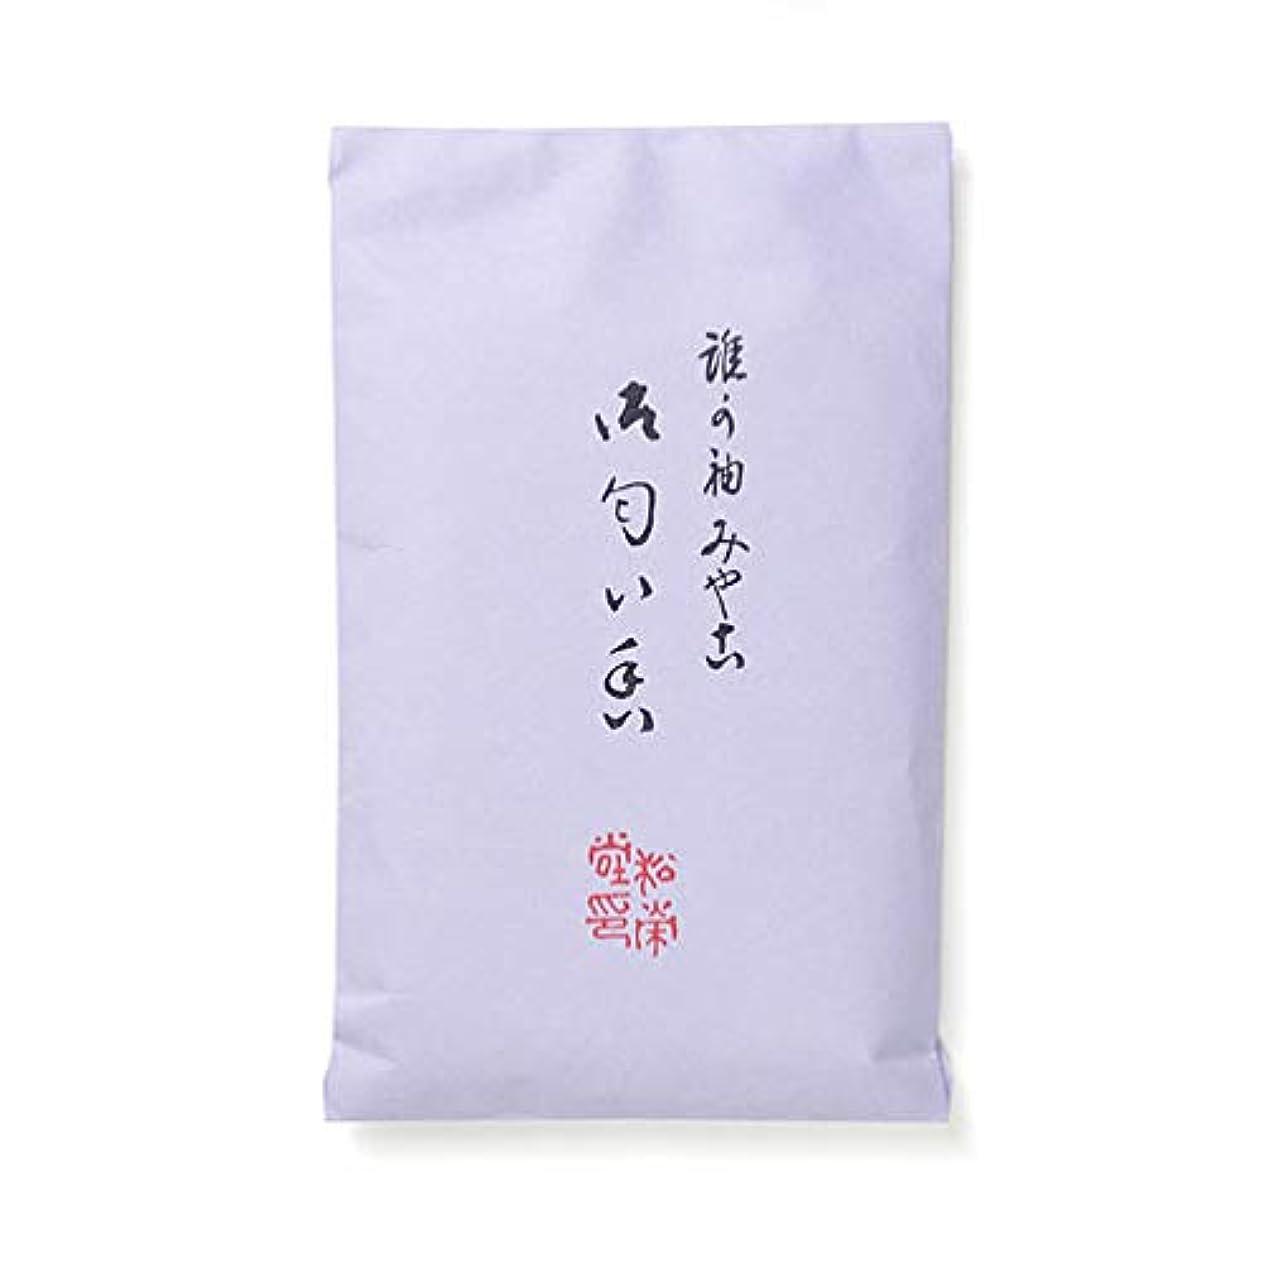 シャツ障害ページ松栄堂 誰が袖 みやこ 匂い香 50g袋入